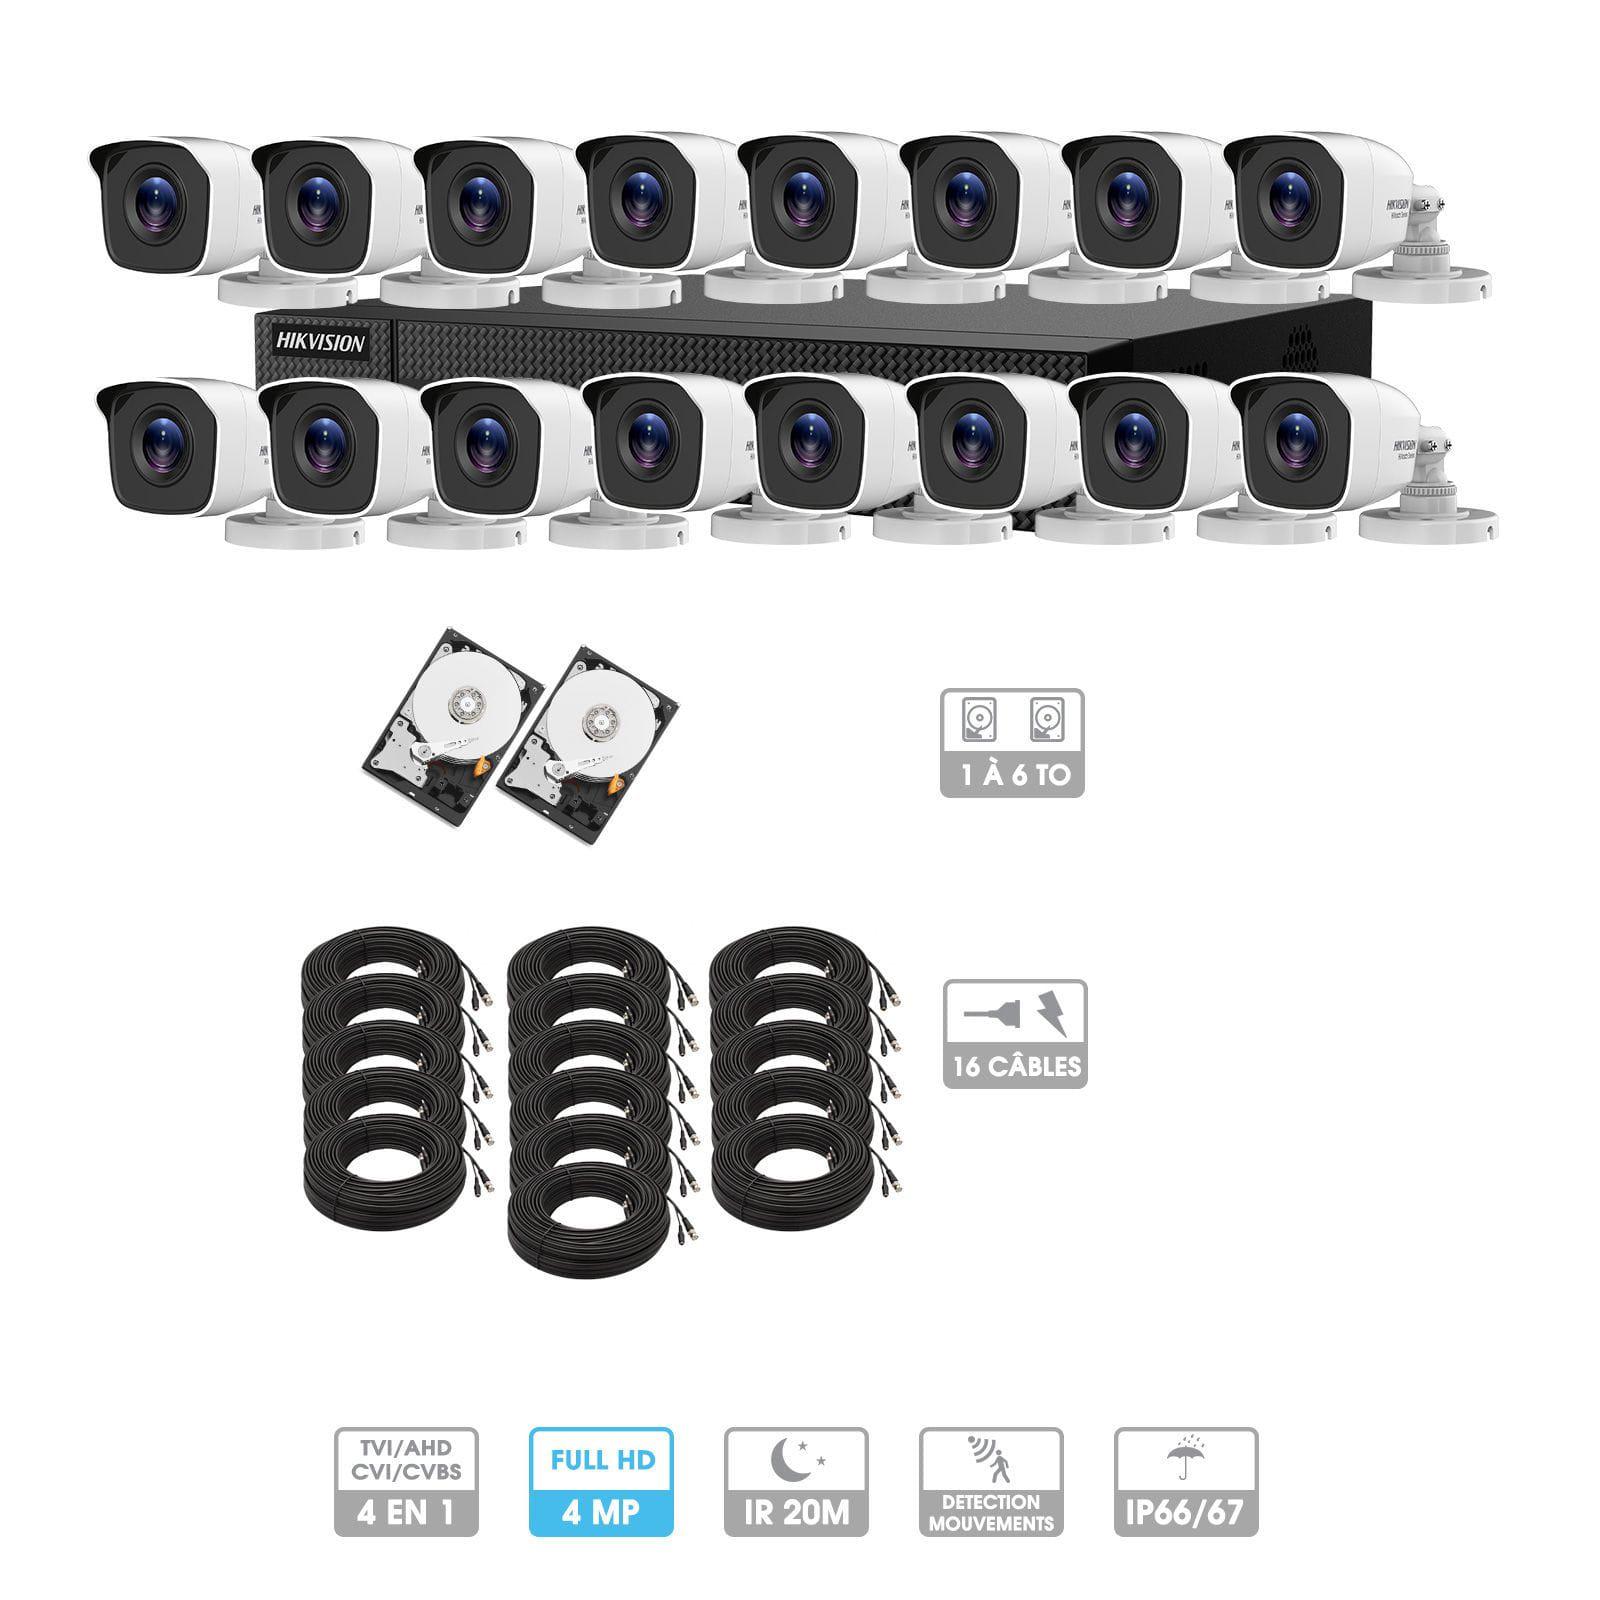 Kit vidéosurveillance 16 caméras | 4MP HD | 16 câbles 20 mètres | 2 HDD 1à 6 To | Tube Hiwatch